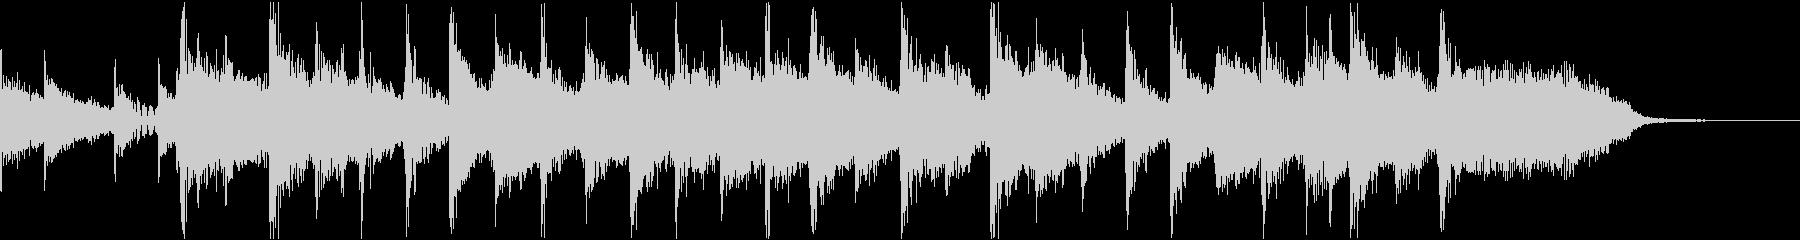 コーナータイトル ニューウェーブの未再生の波形